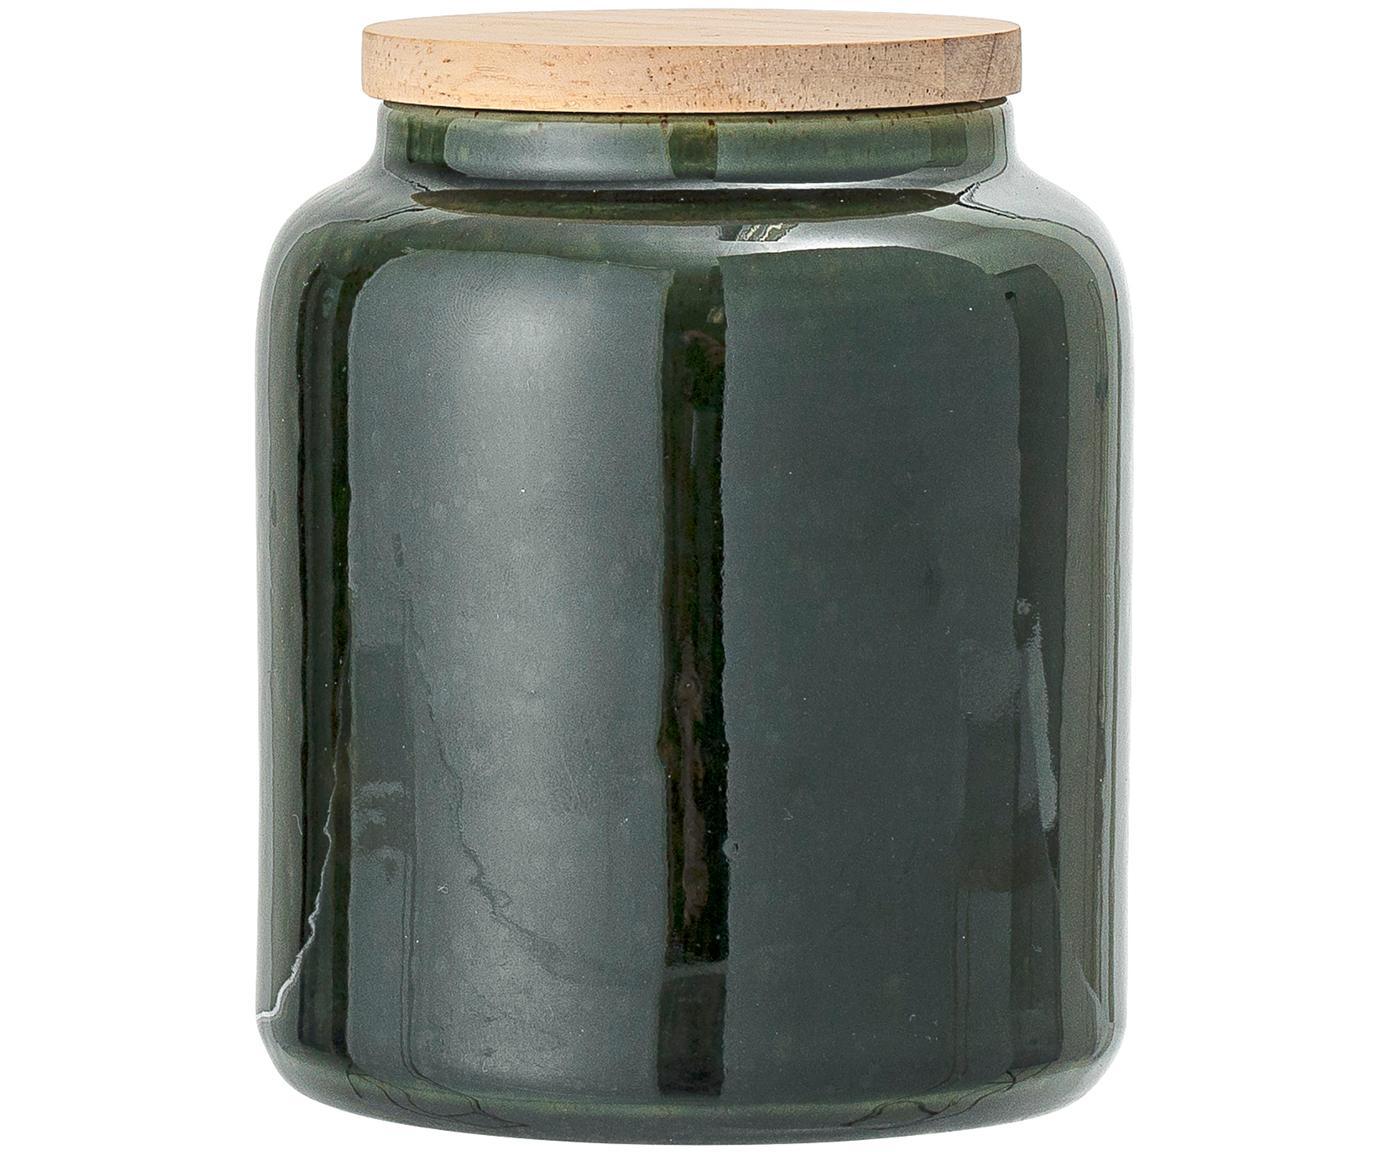 Handgefertigte Aufbewahrungsdose Joelle, Dose: Steingut, Deckel: Akazienholz, Silikon, Dunkelgrün, Ø 10 x H 12 cm